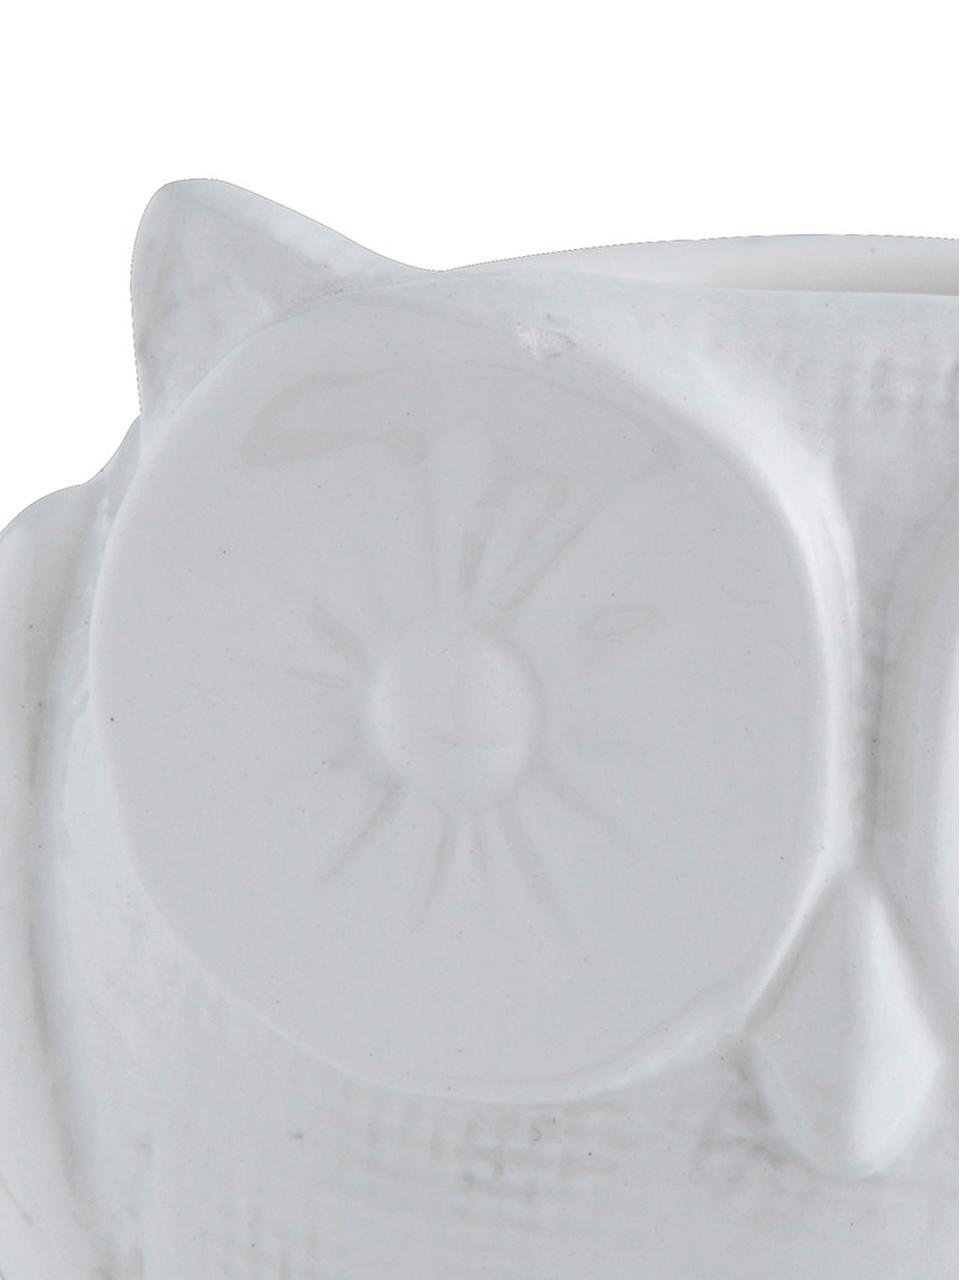 XS Übertopf Owl aus Dolomitstein, Dolomitstein, Weiß, Ø 11 x H 12 cm